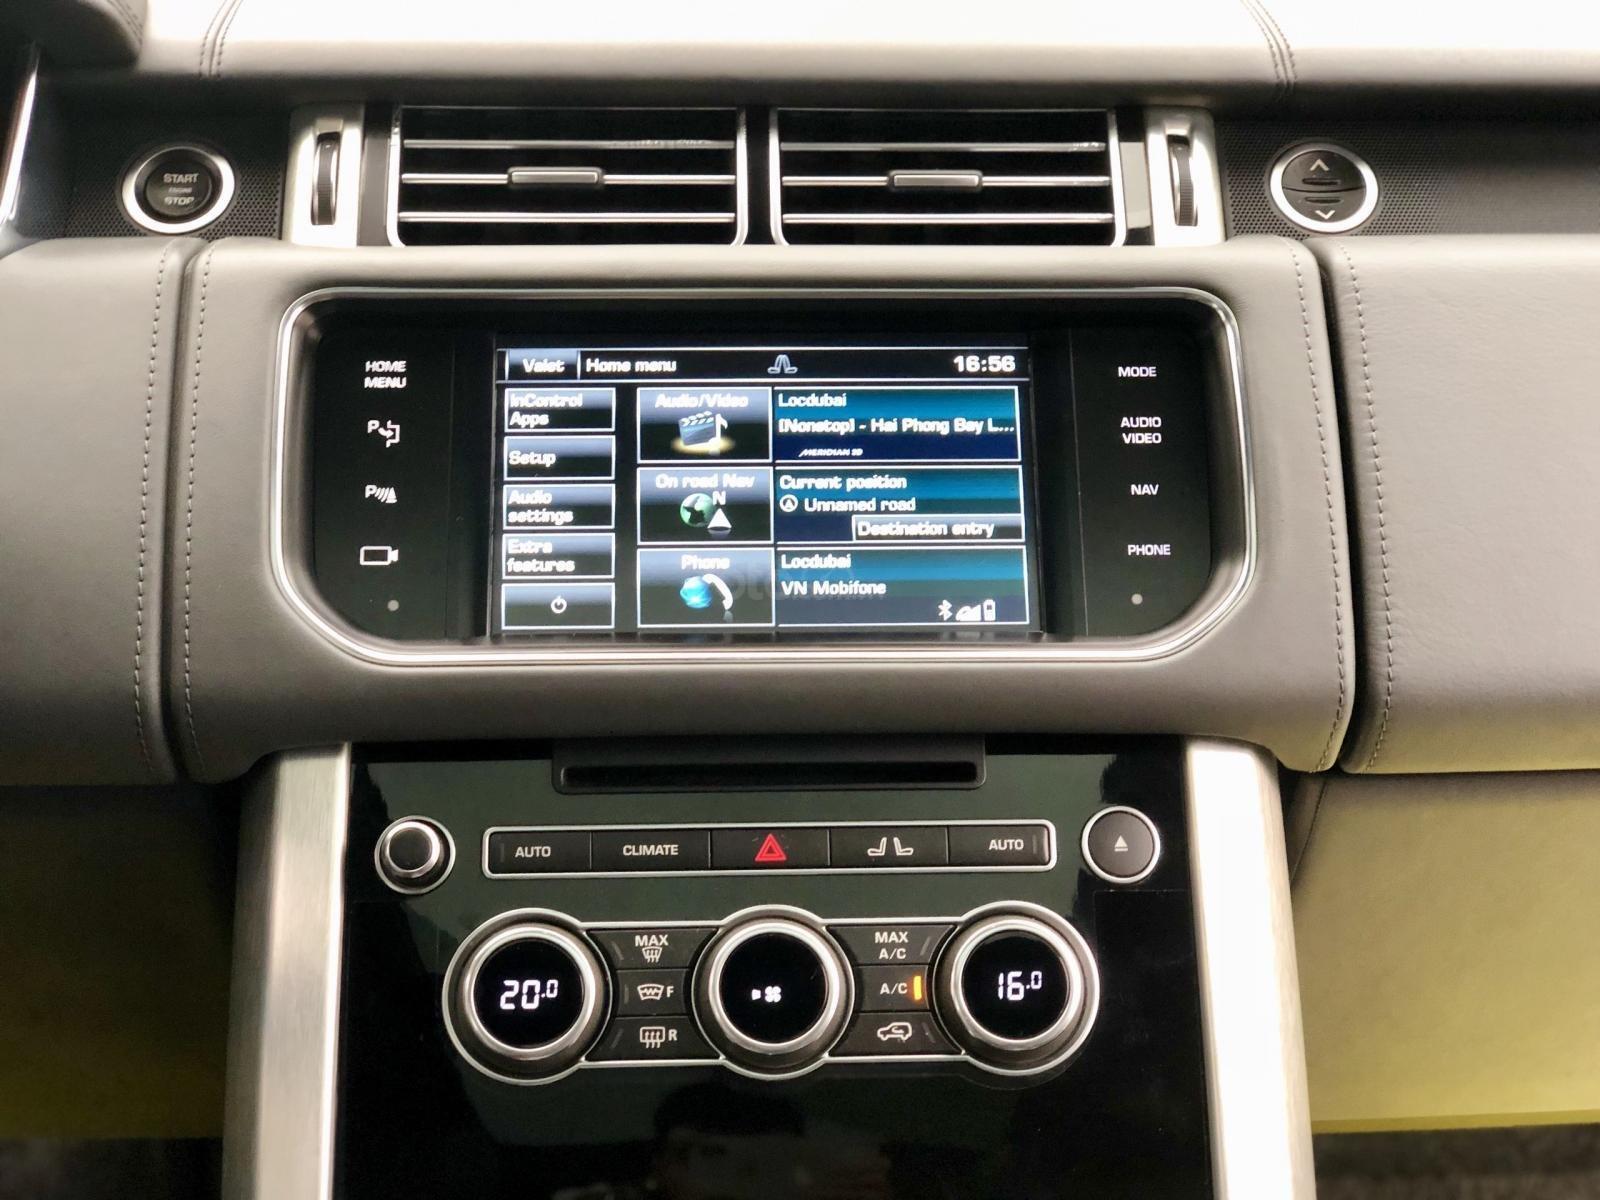 Bán Range Rover Black Edition SX 2015, siêu lướt giá tốt - LH Ms. Hương 094.539.2468 (10)